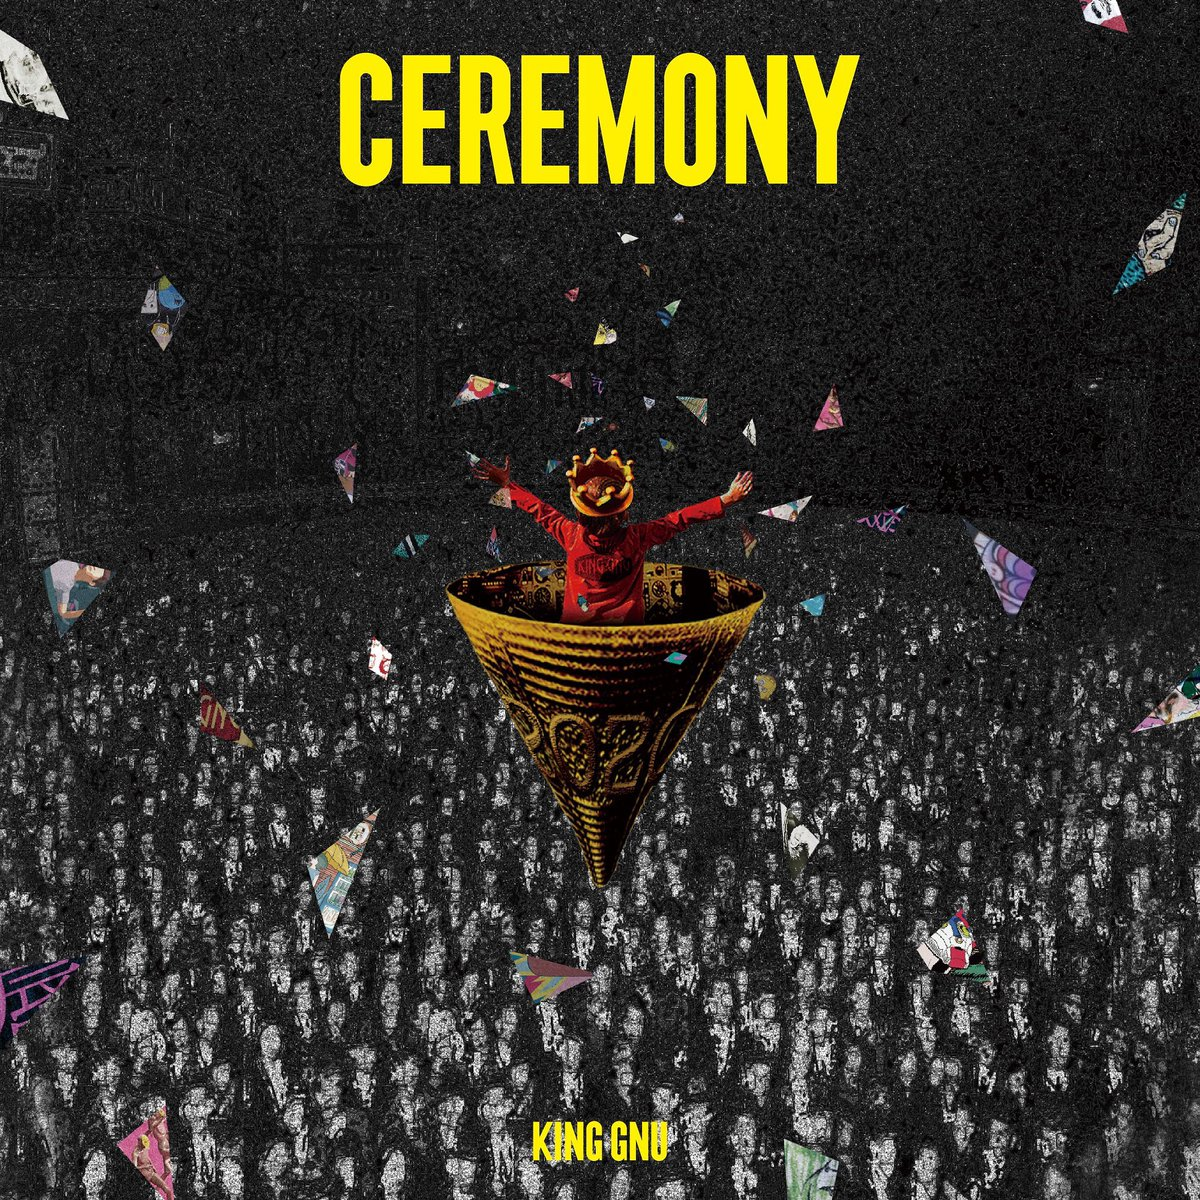 発売日じゃー!!!!!!!!!#KingGnu#CEREMONY